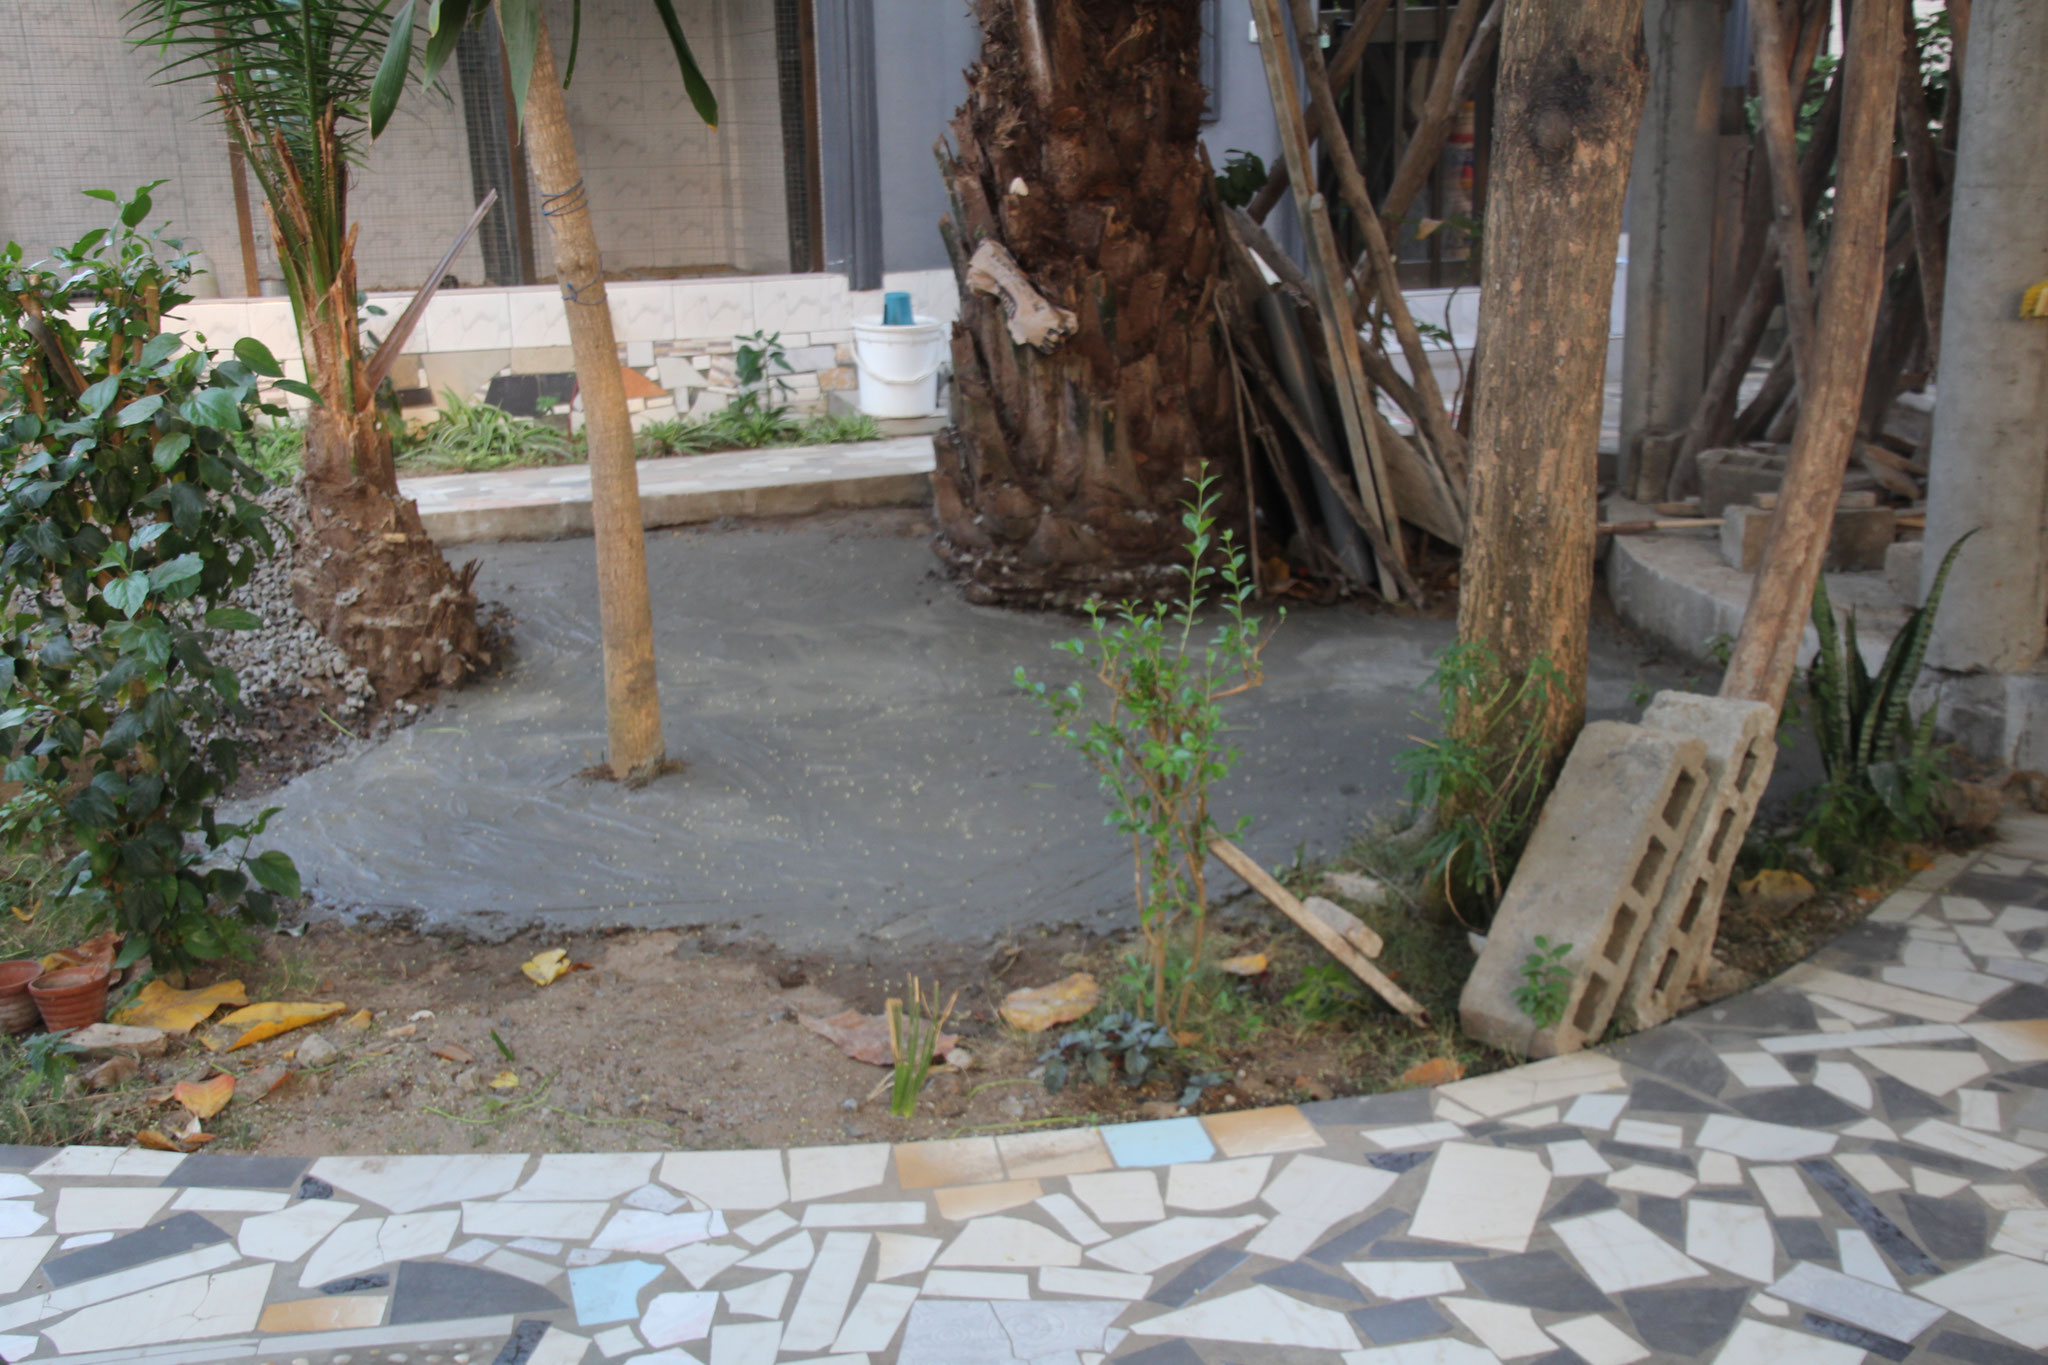 Neben der Pajlotte wurde provisorisch der Boden Betoniert. Hier wird später der Beton für das Dach gemischt.